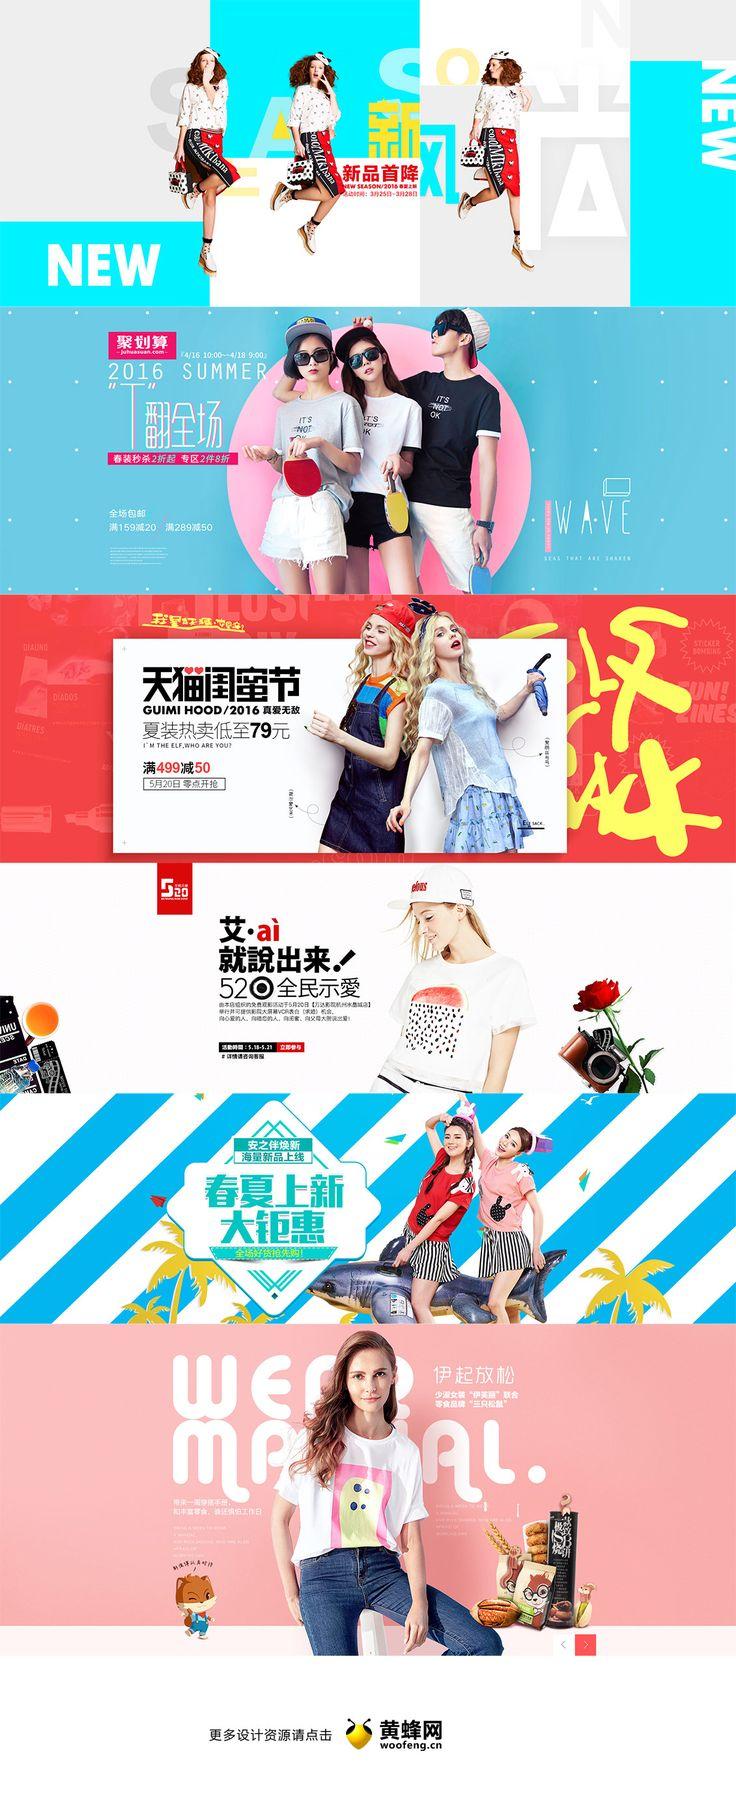 天猫女装时尚banner设计,来源自黄蜂网http://woofeng.cn/